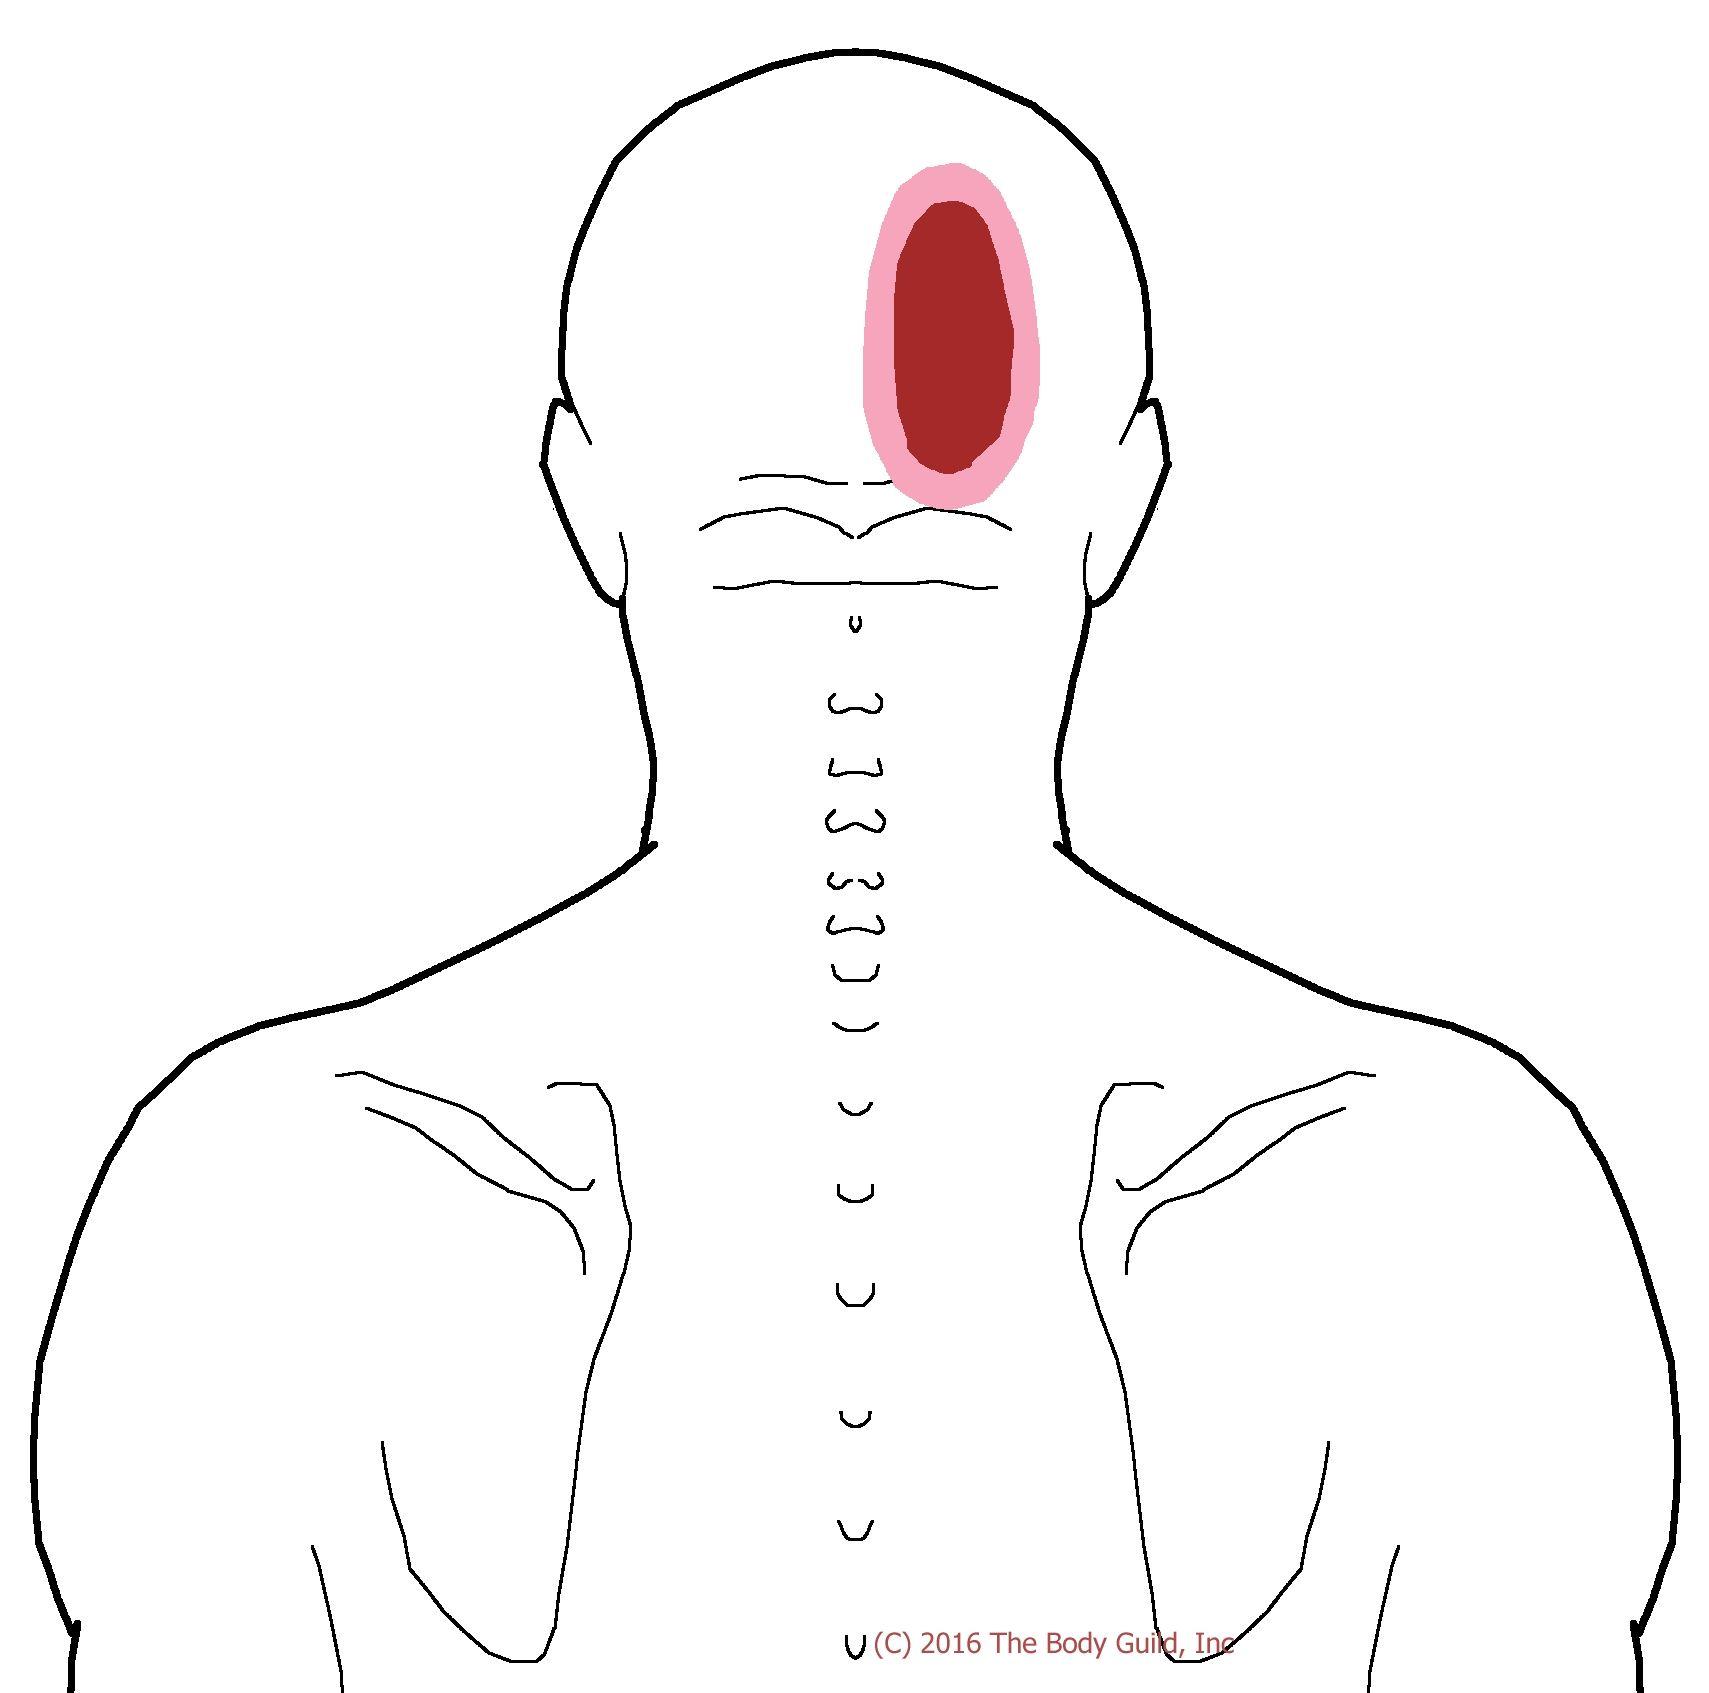 Pin von The Body Guild auf Headache - Trigger Point Pain | Pinterest